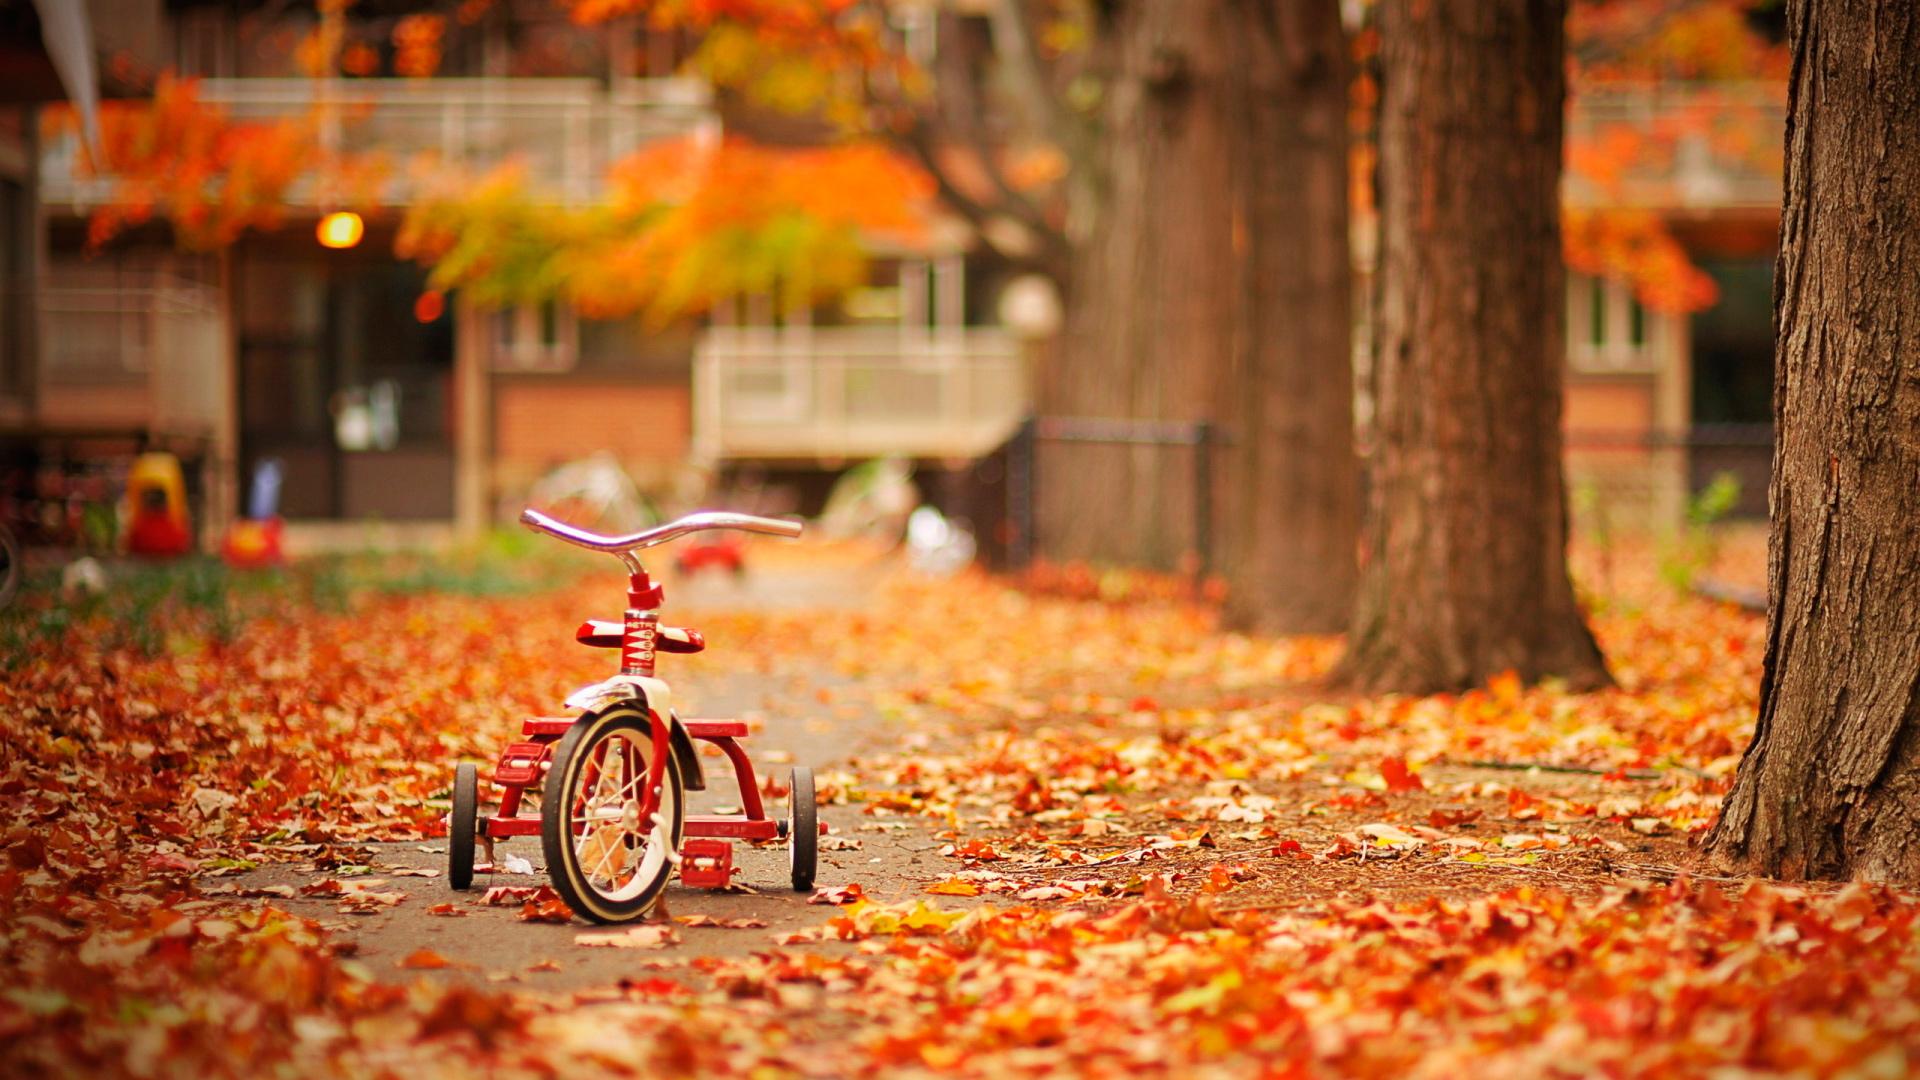 детский велосипед в листве